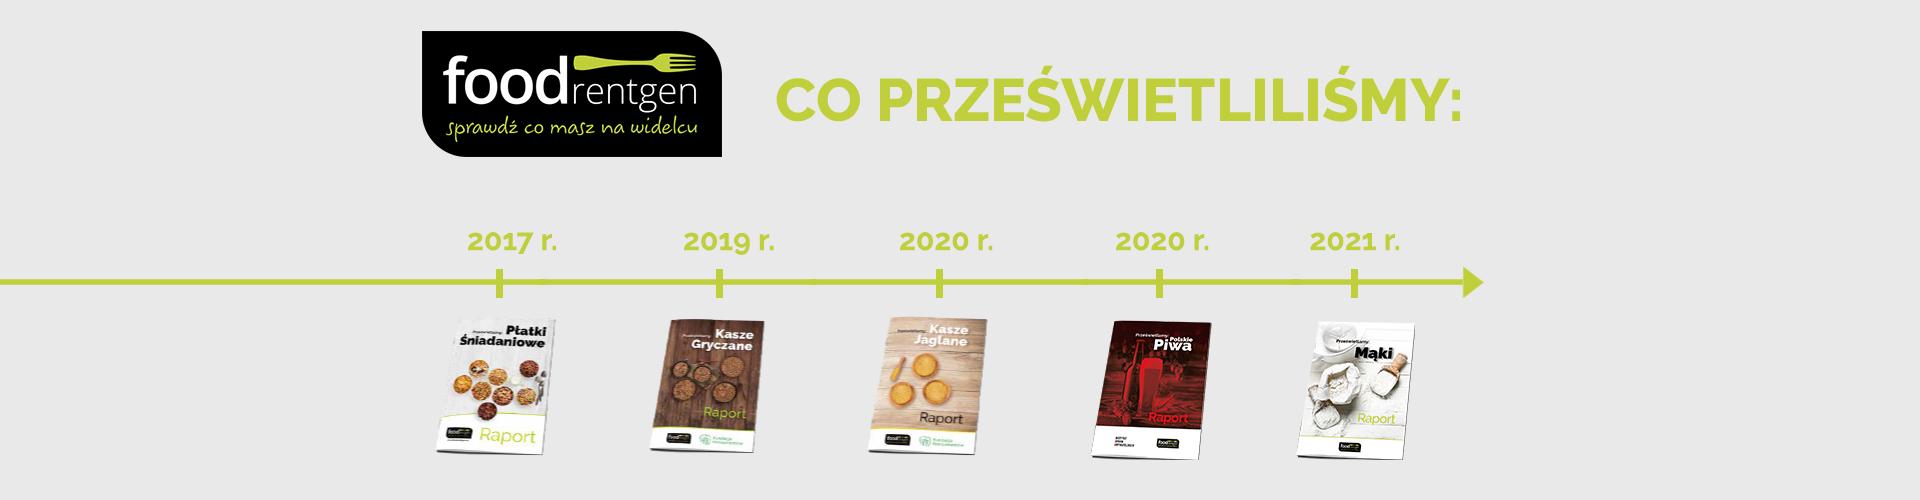 os-czasu_2021